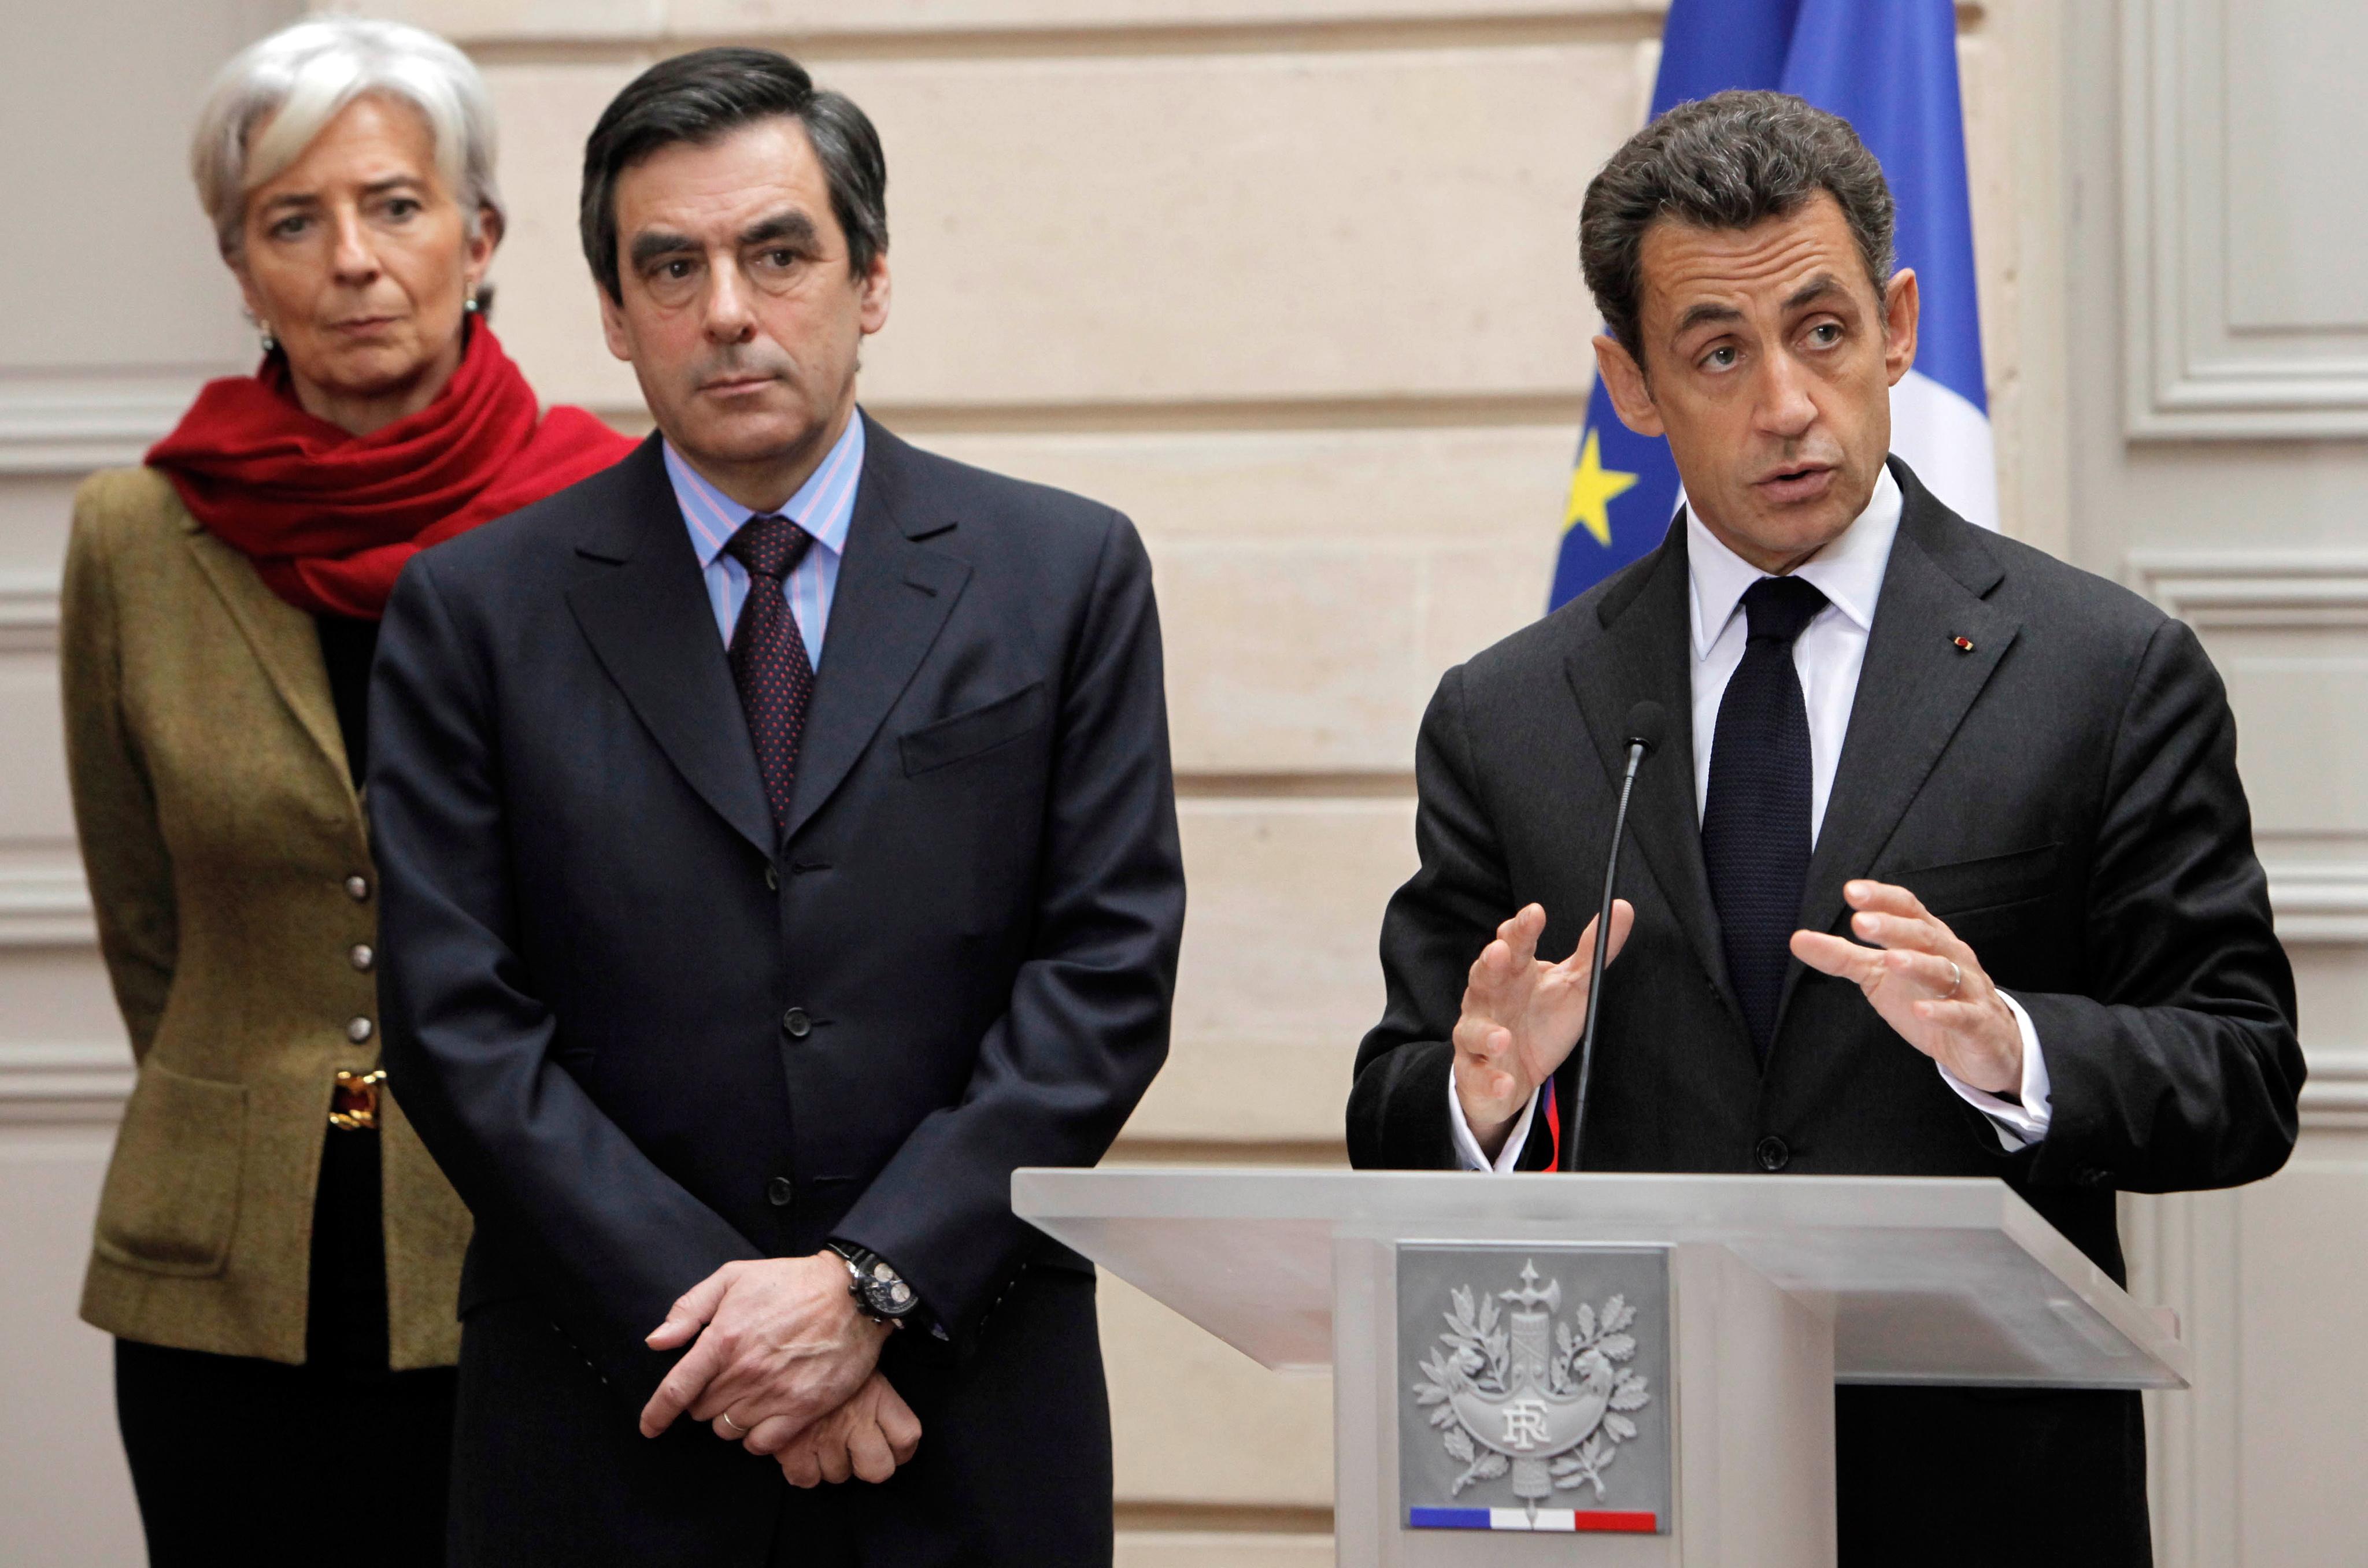 Кристин Лагард, Франсуа Фийон и Николя Саркози. Фото: EPA